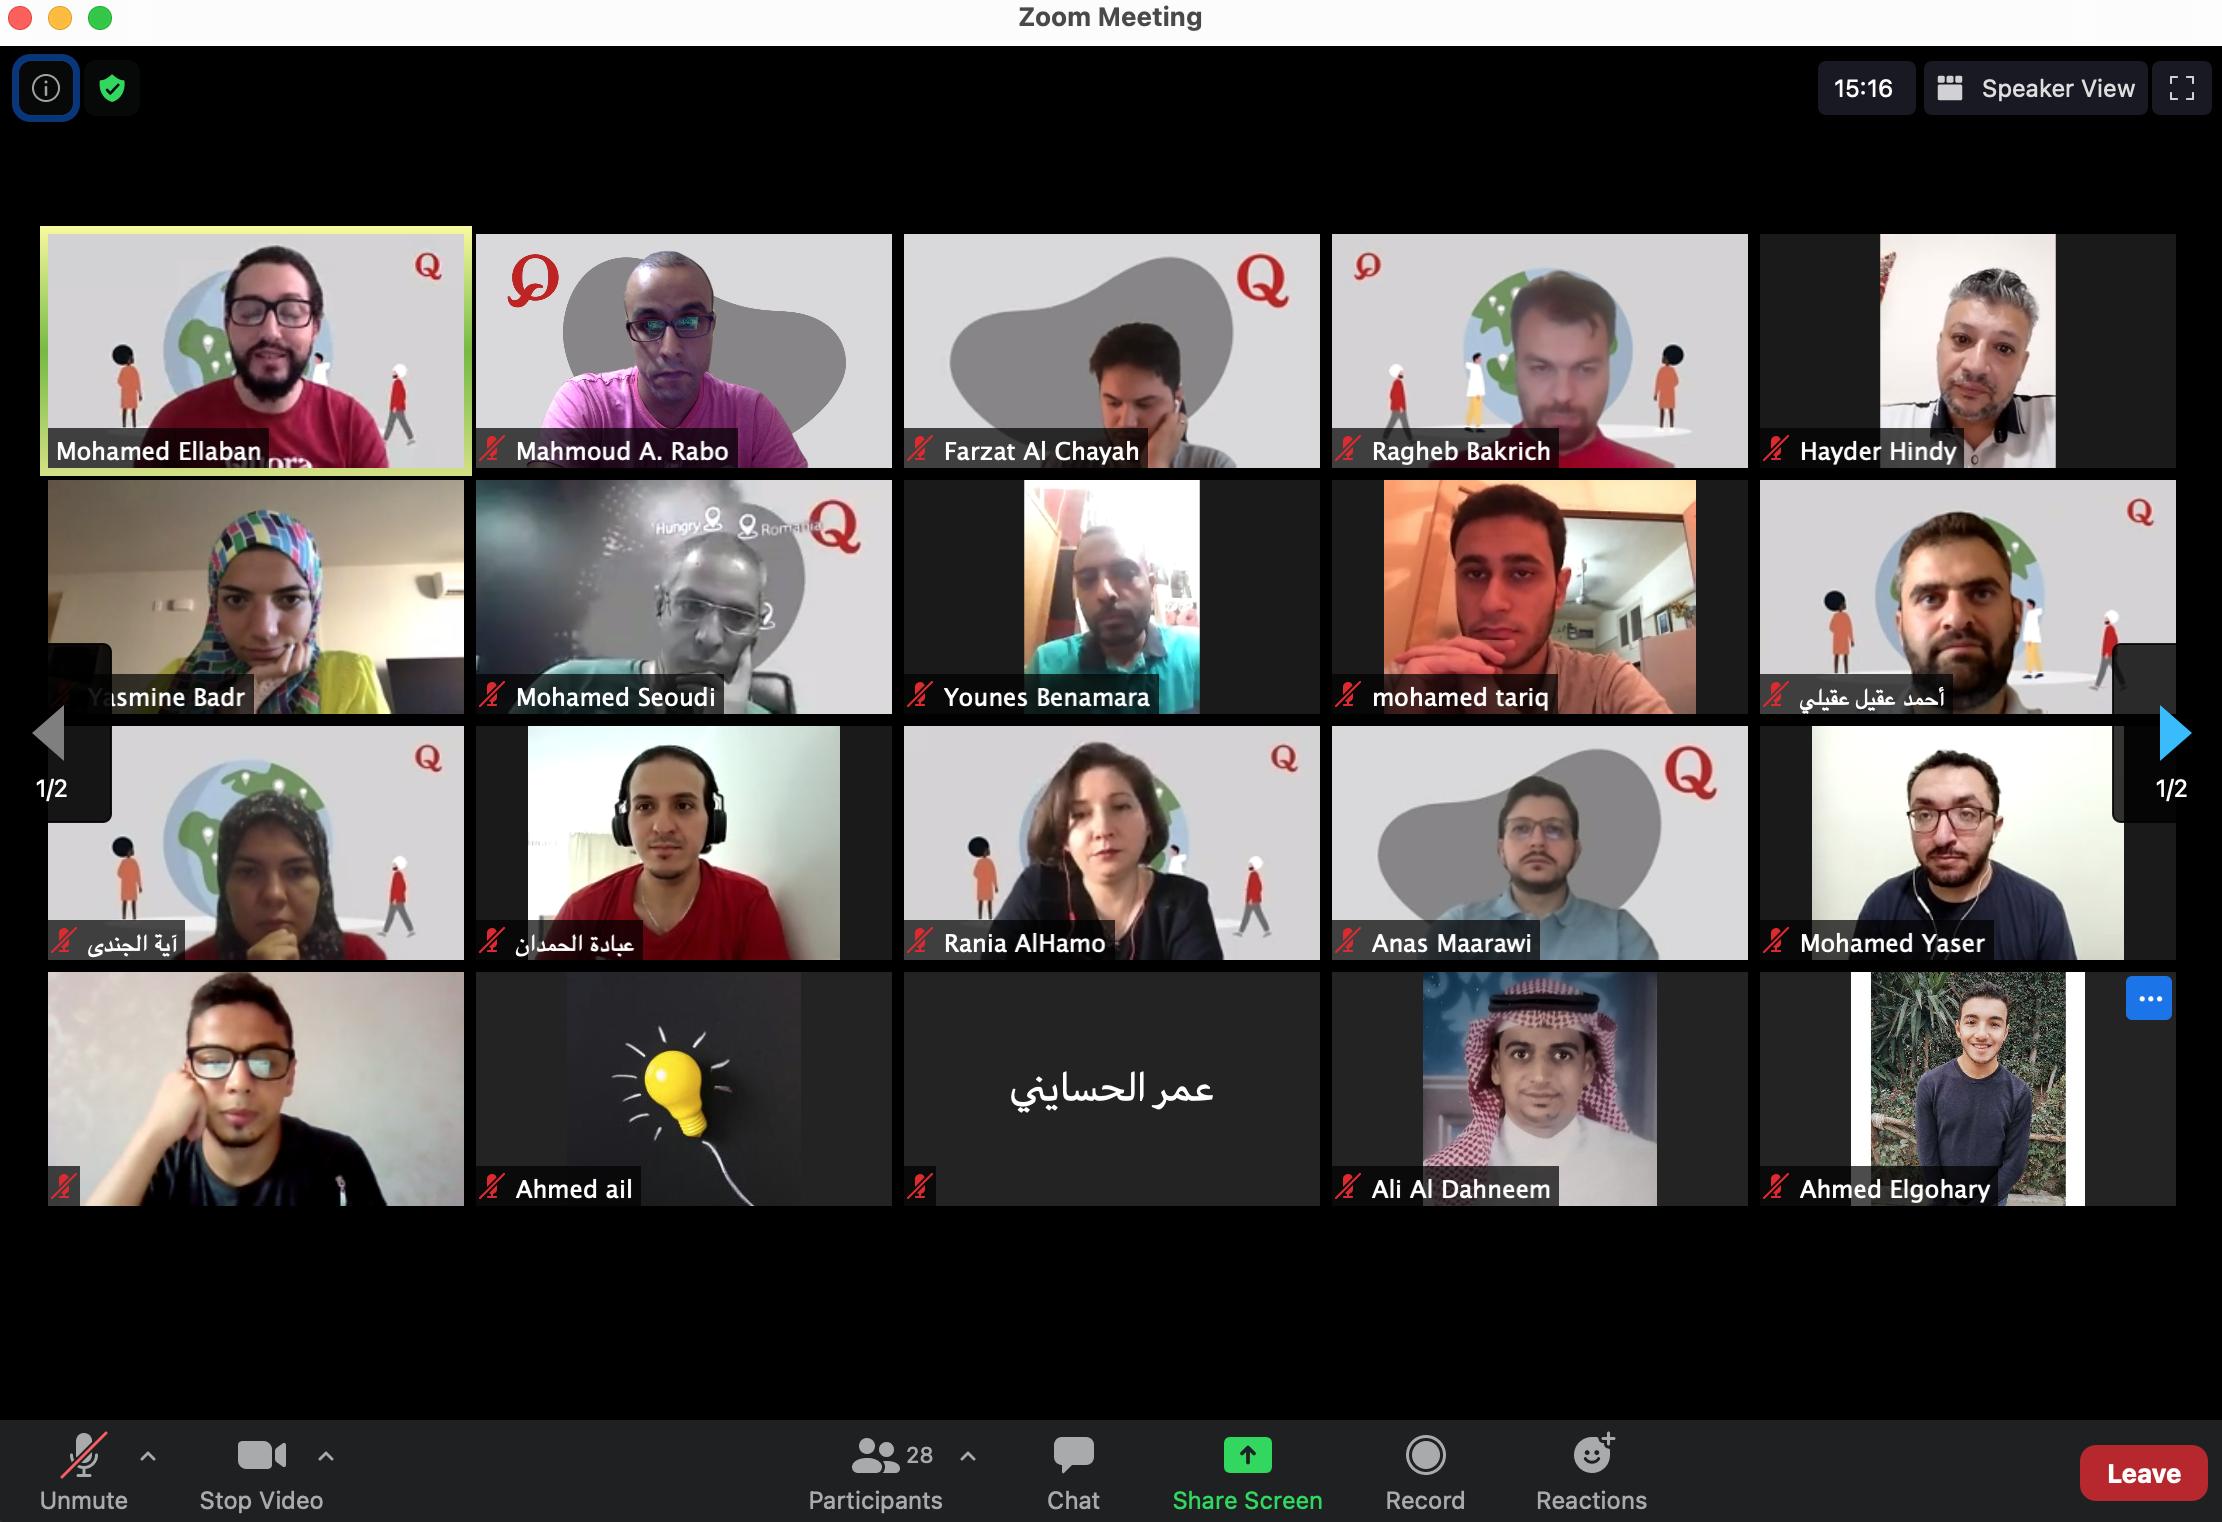 صورة للأعضاء المشاركين في أسبوع مُلتقى Quora العربي